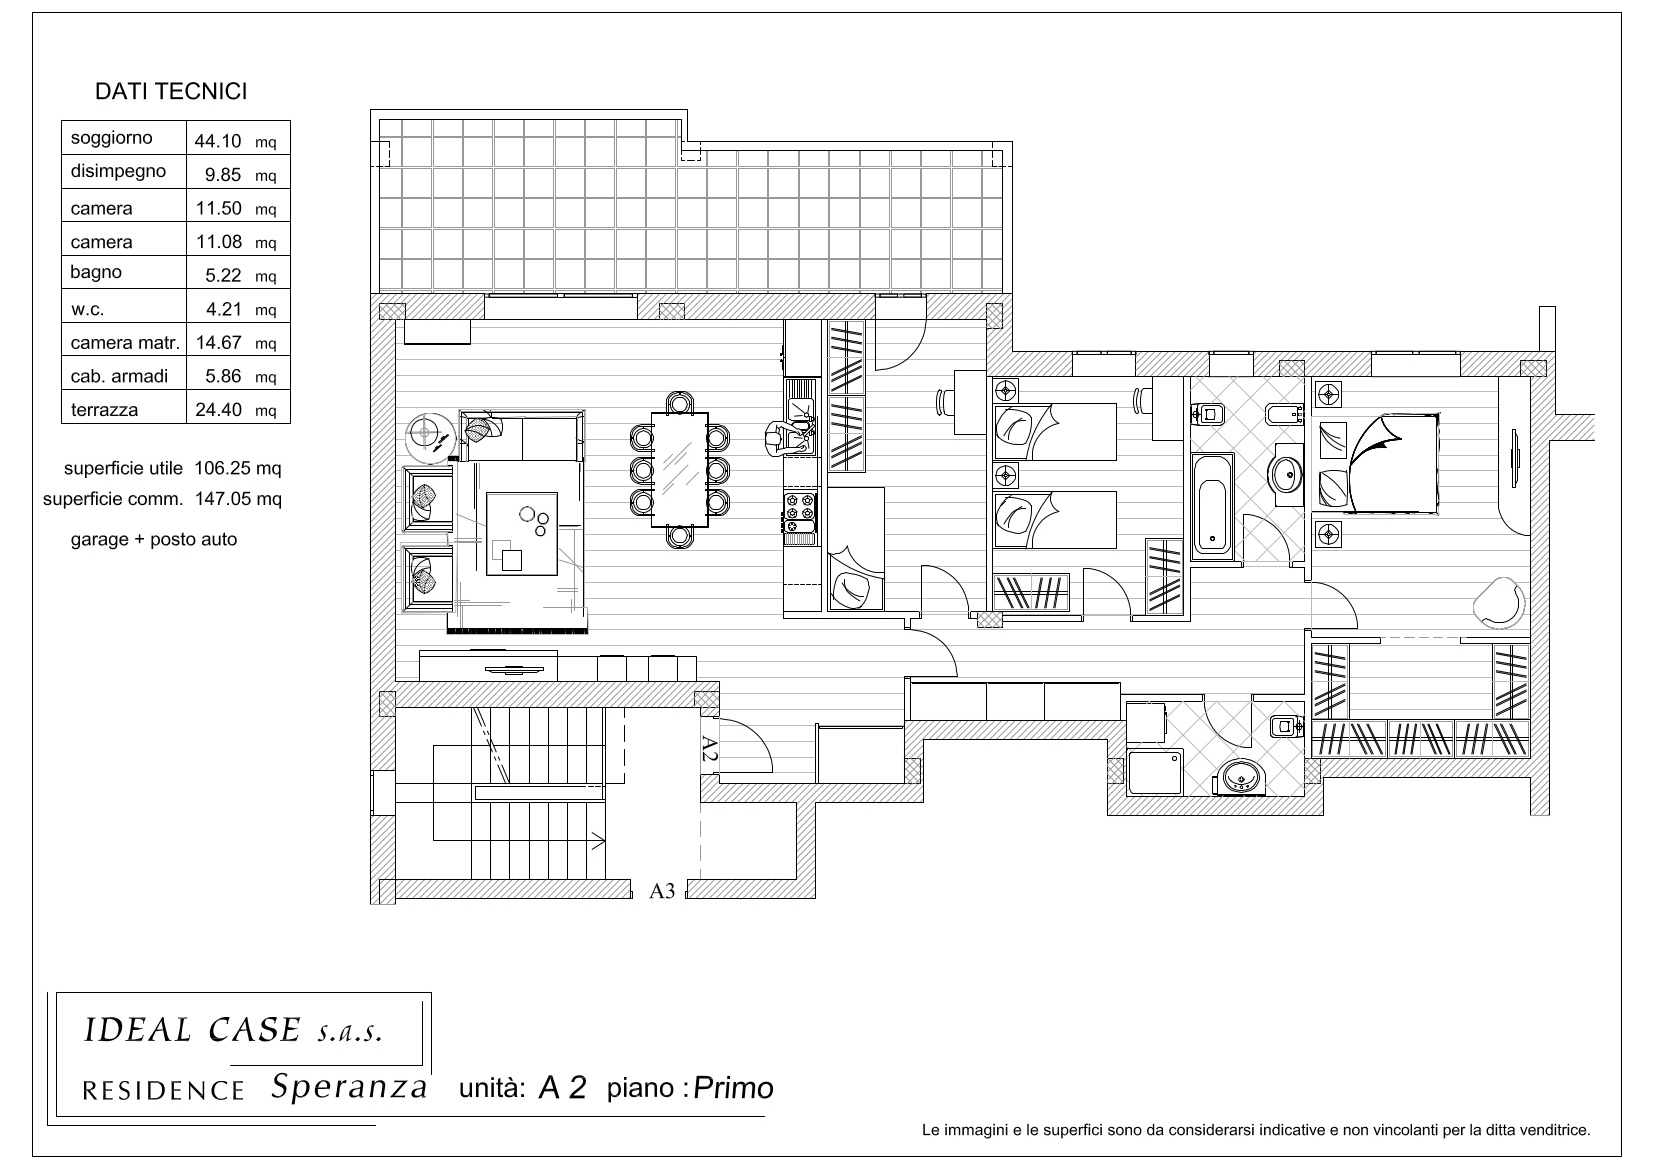 quadri-arredi-app-2-a3